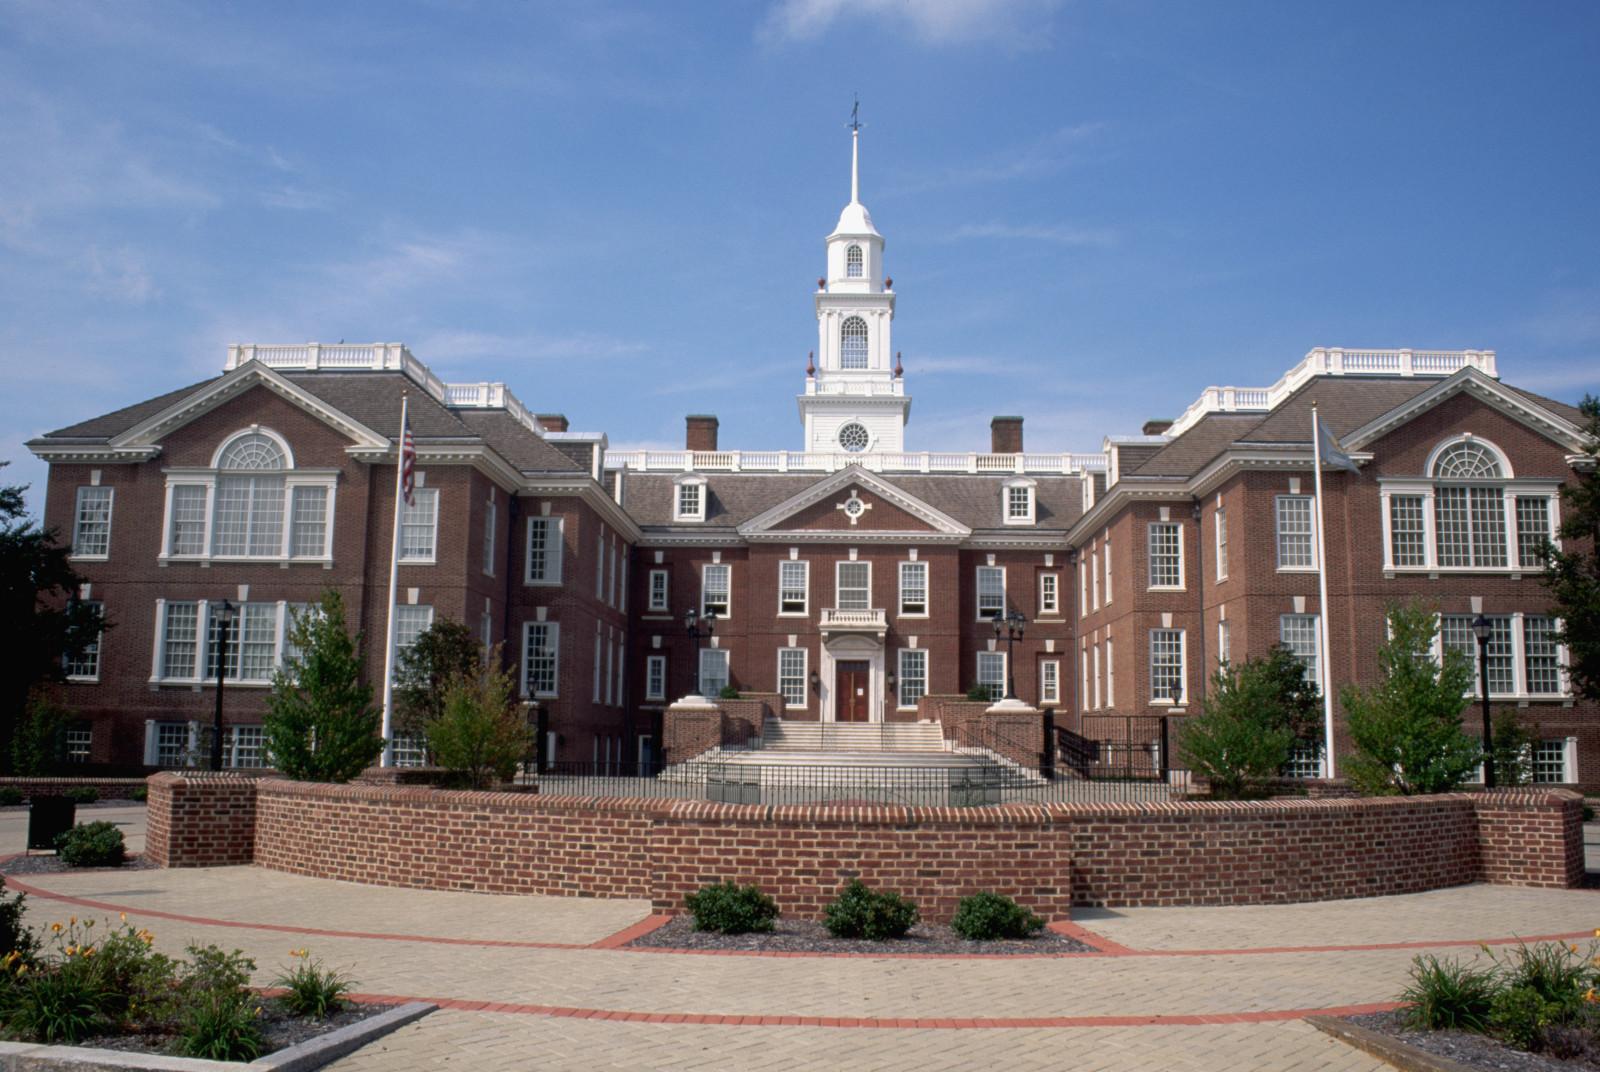 Exterior of Dover Legislative Building in Delaware